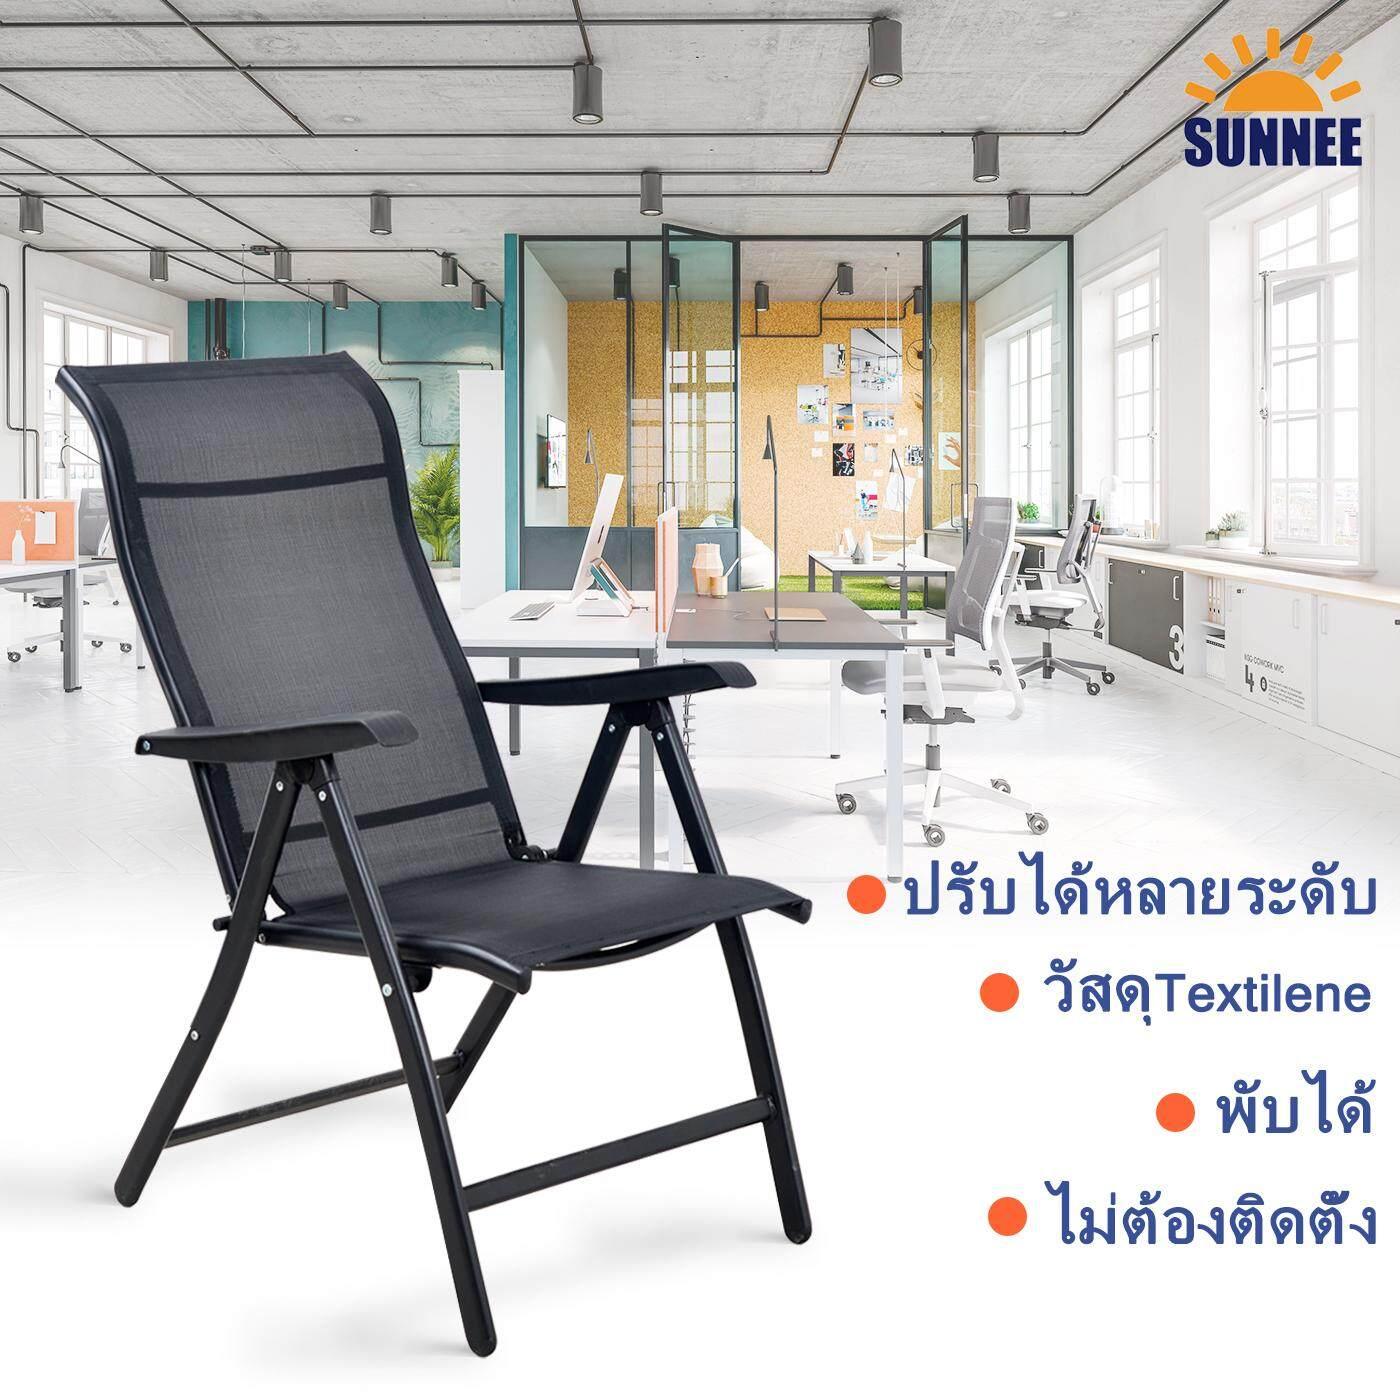 SuNnee สํานักงานเก้าอี้แบบพับเก็บได้ เก้าอี้พักเที่ยง เก้าอี้พักผ่อน เก้าอี้สันทนาการแบบพกพา ราคาถูก